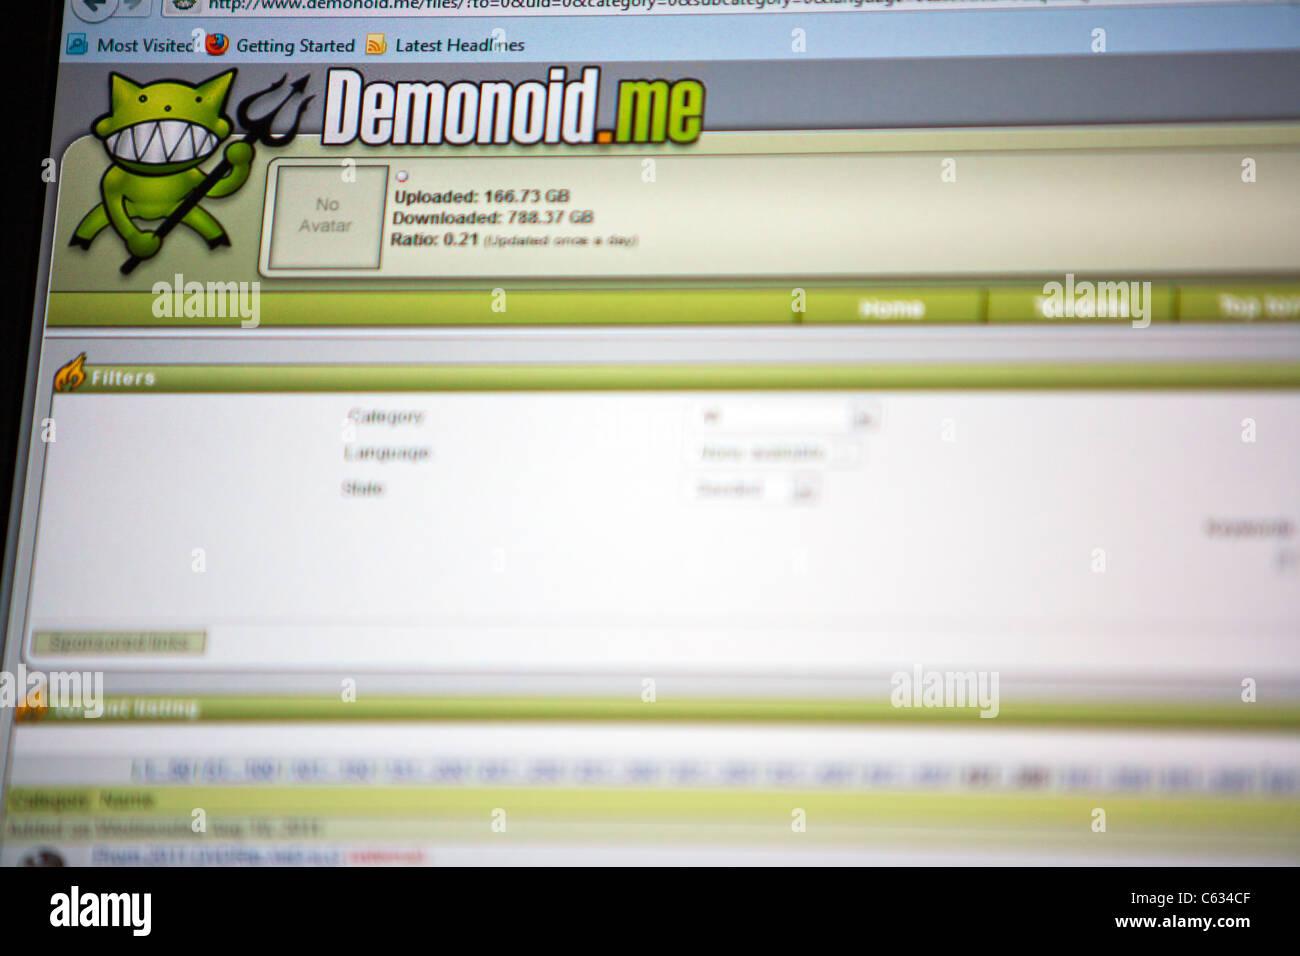 El logotipo del sitio de descargas ilegales bit torrent demonoid imagen de alta resolución tomada desde una Imagen De Stock